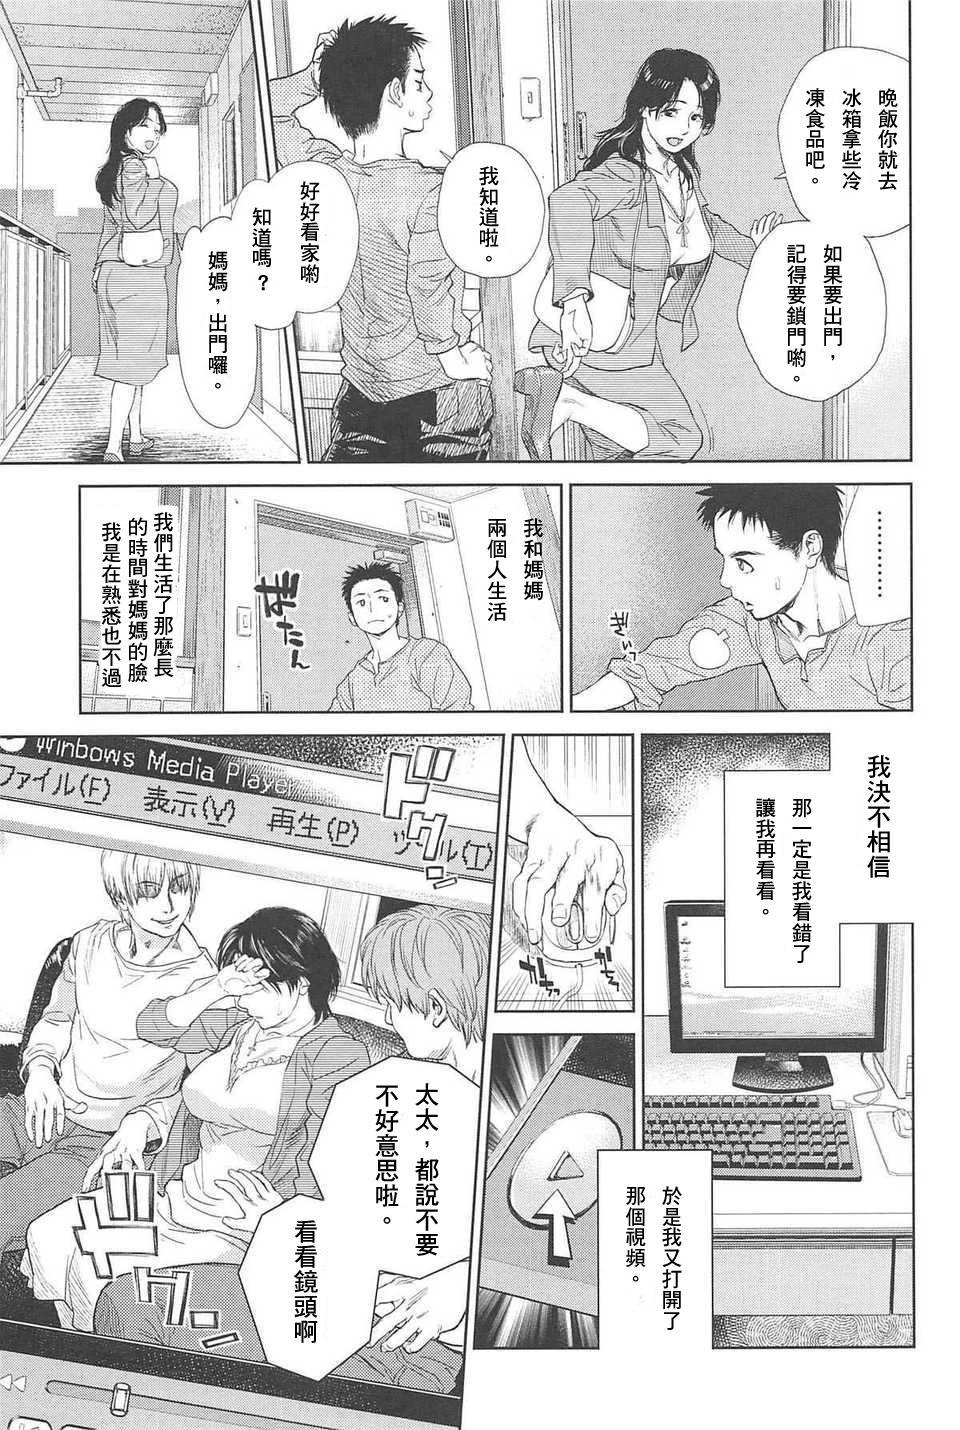 Boku no Shiranai Haha 2